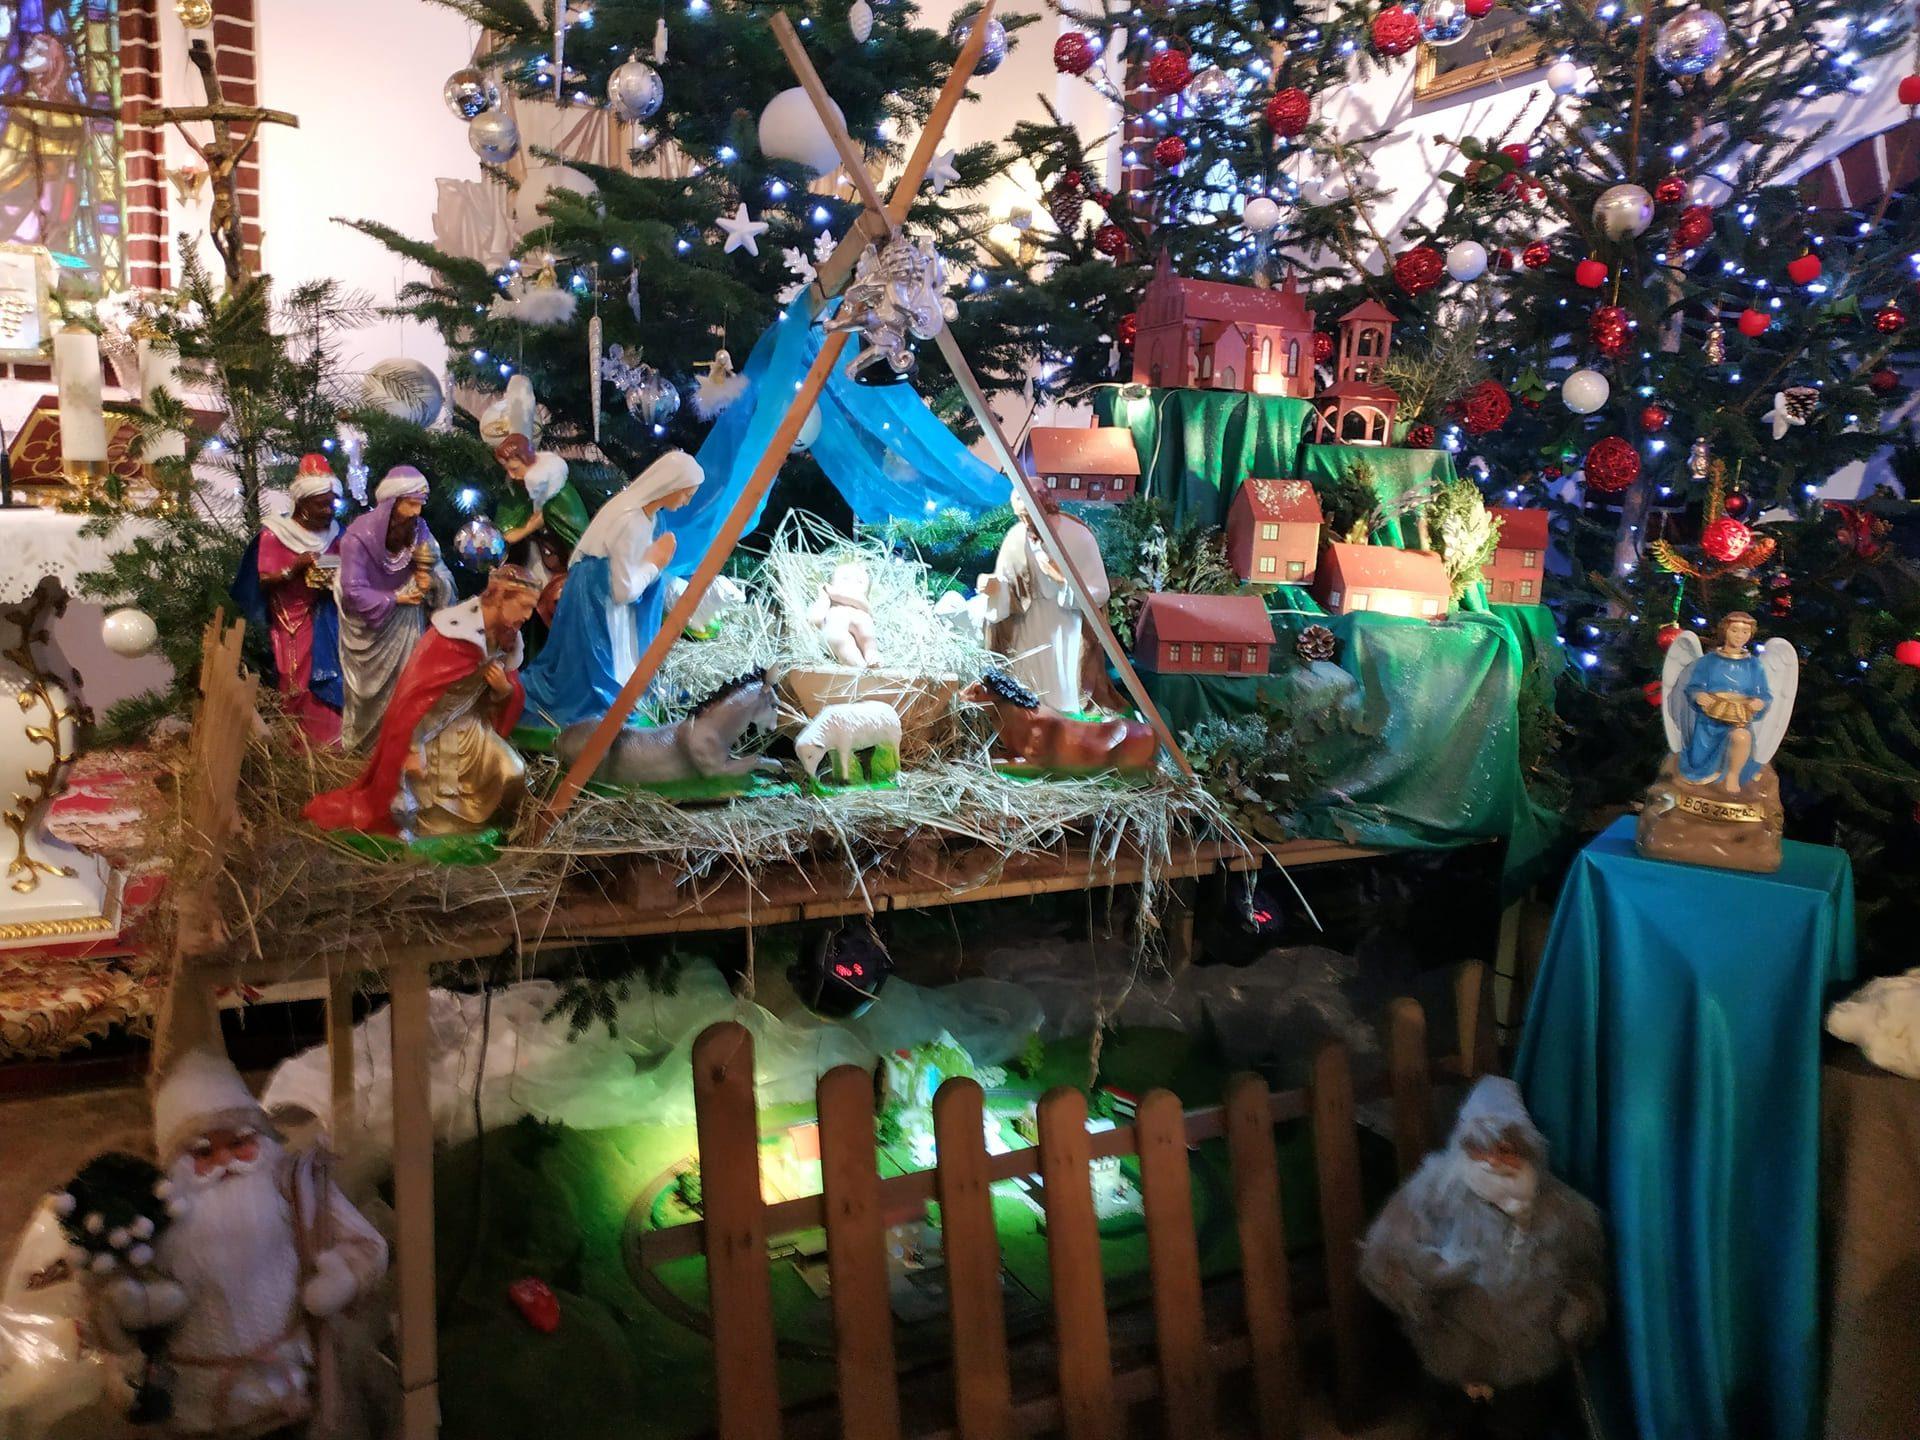 Kolorowa szopka Bożonarodzeniowa, w tle choinka i bombki